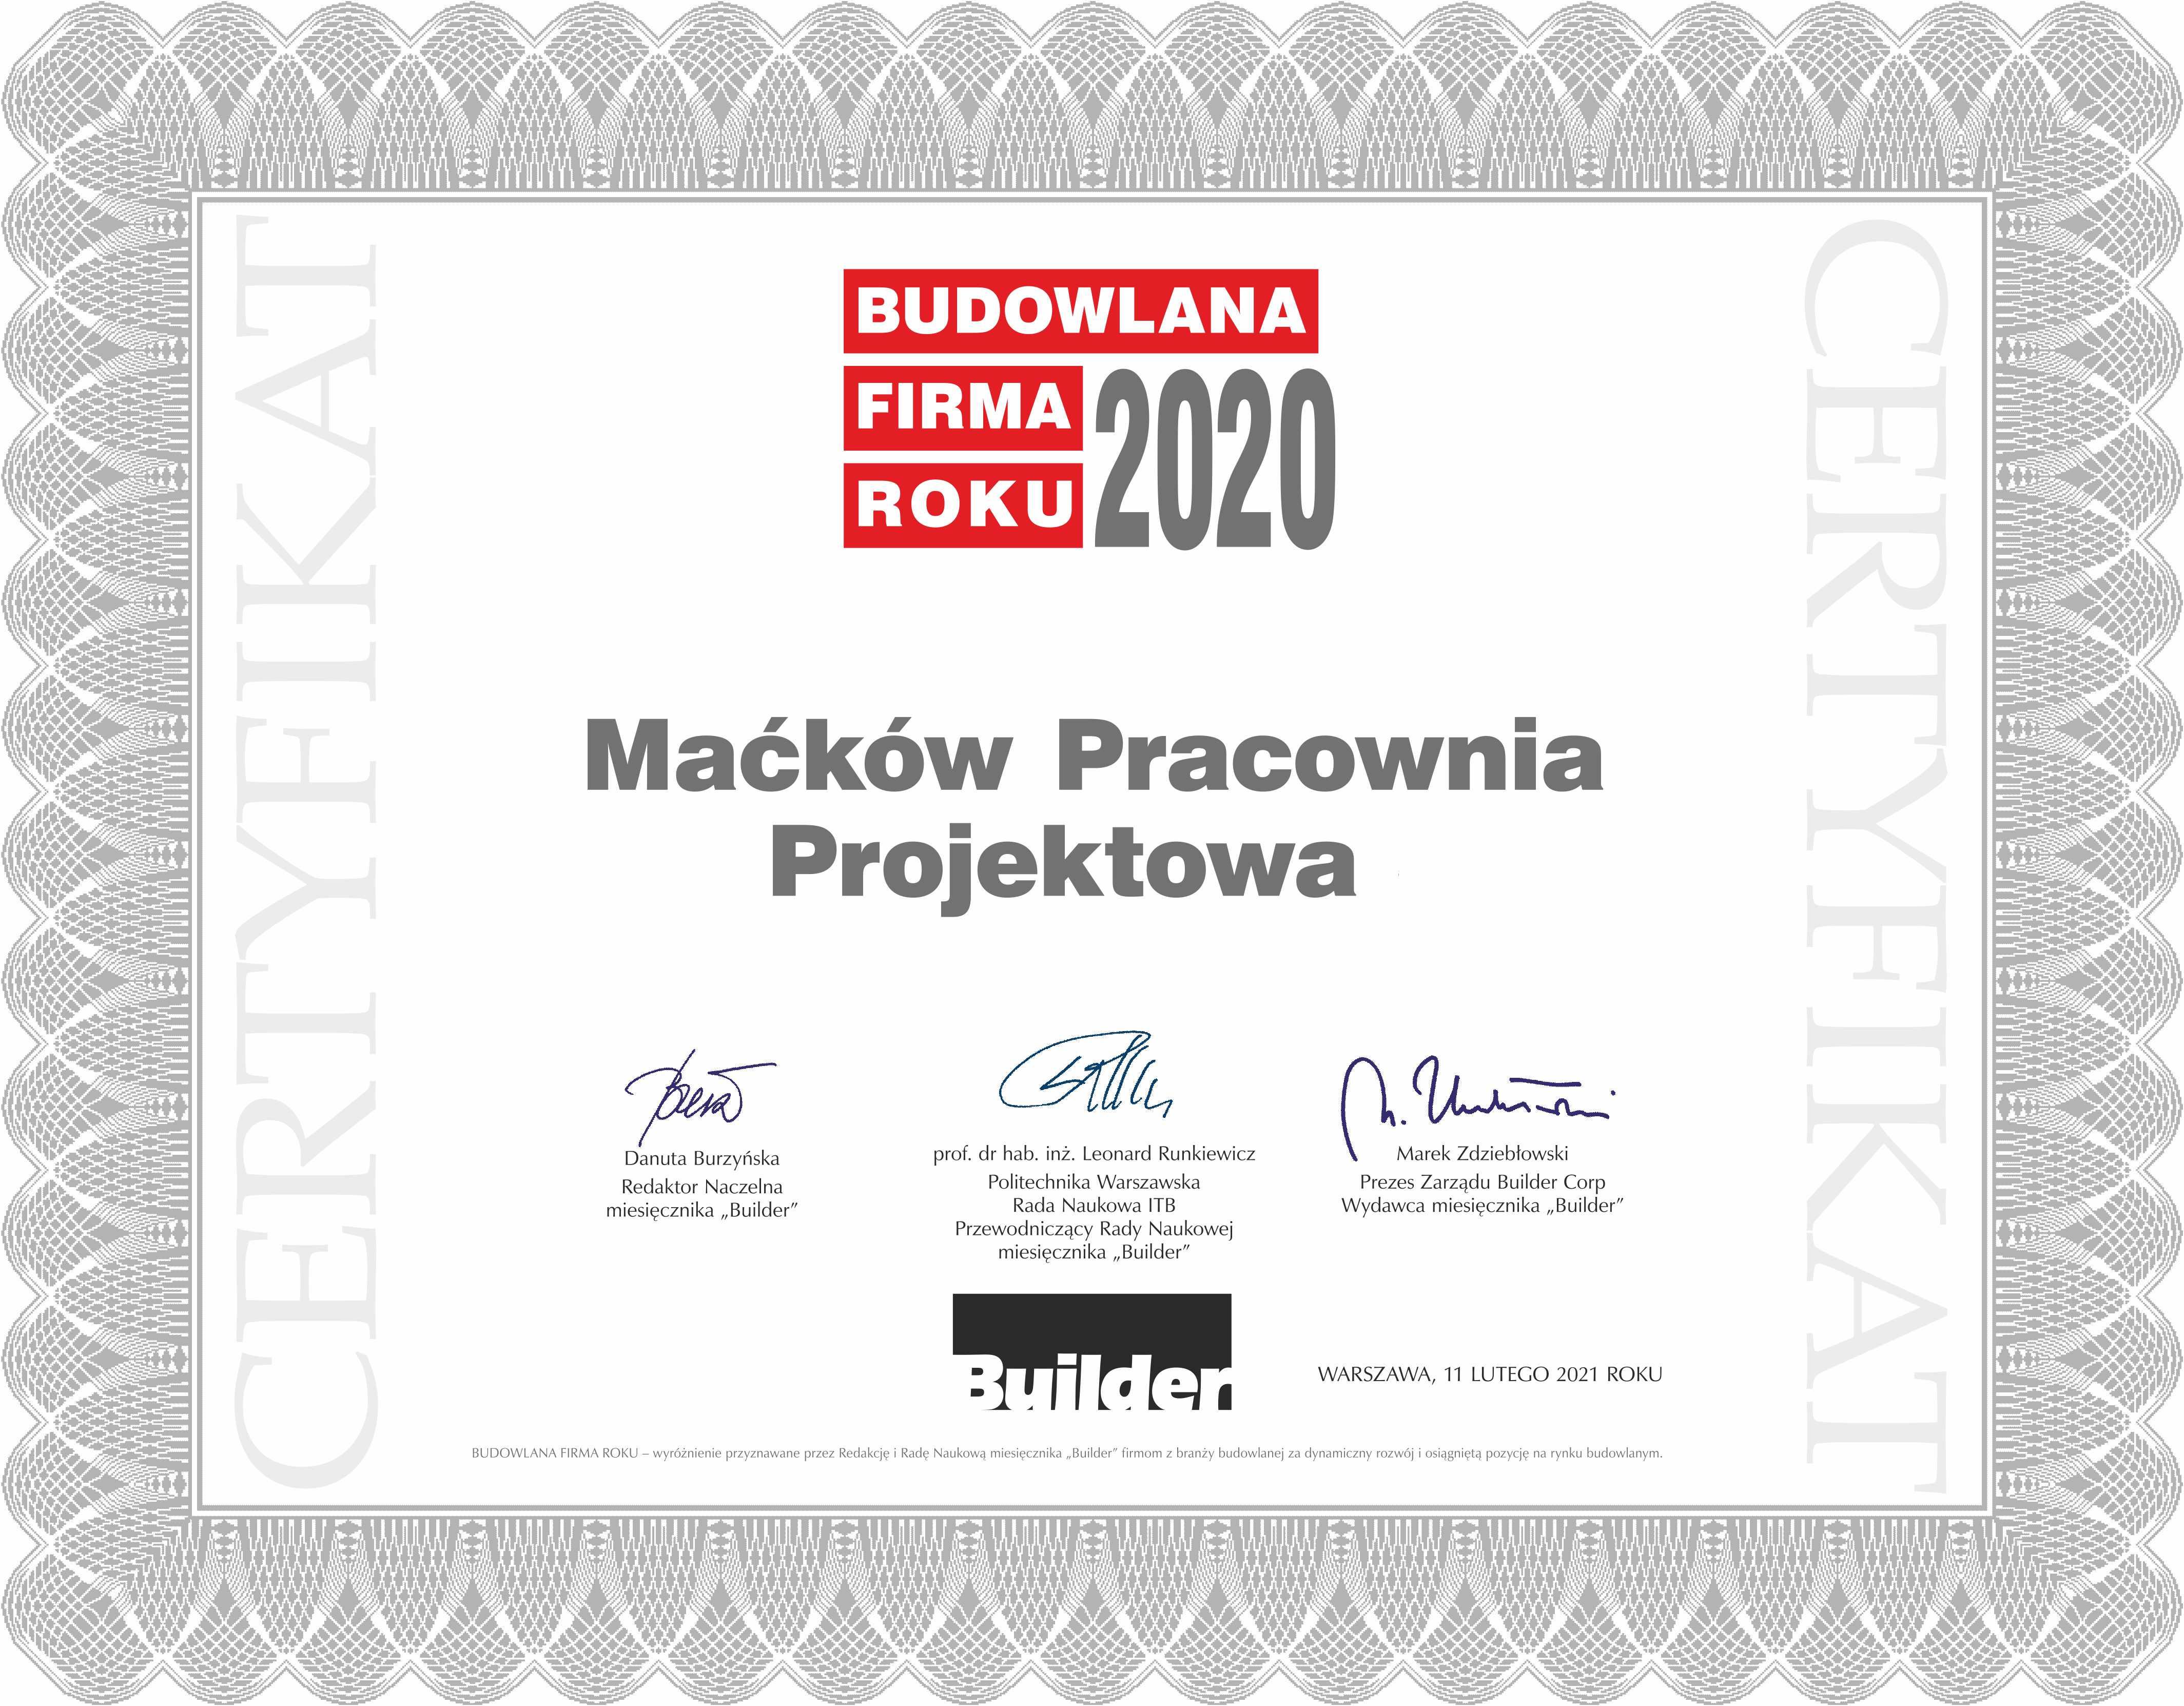 certyfikat_budowlana firma roku